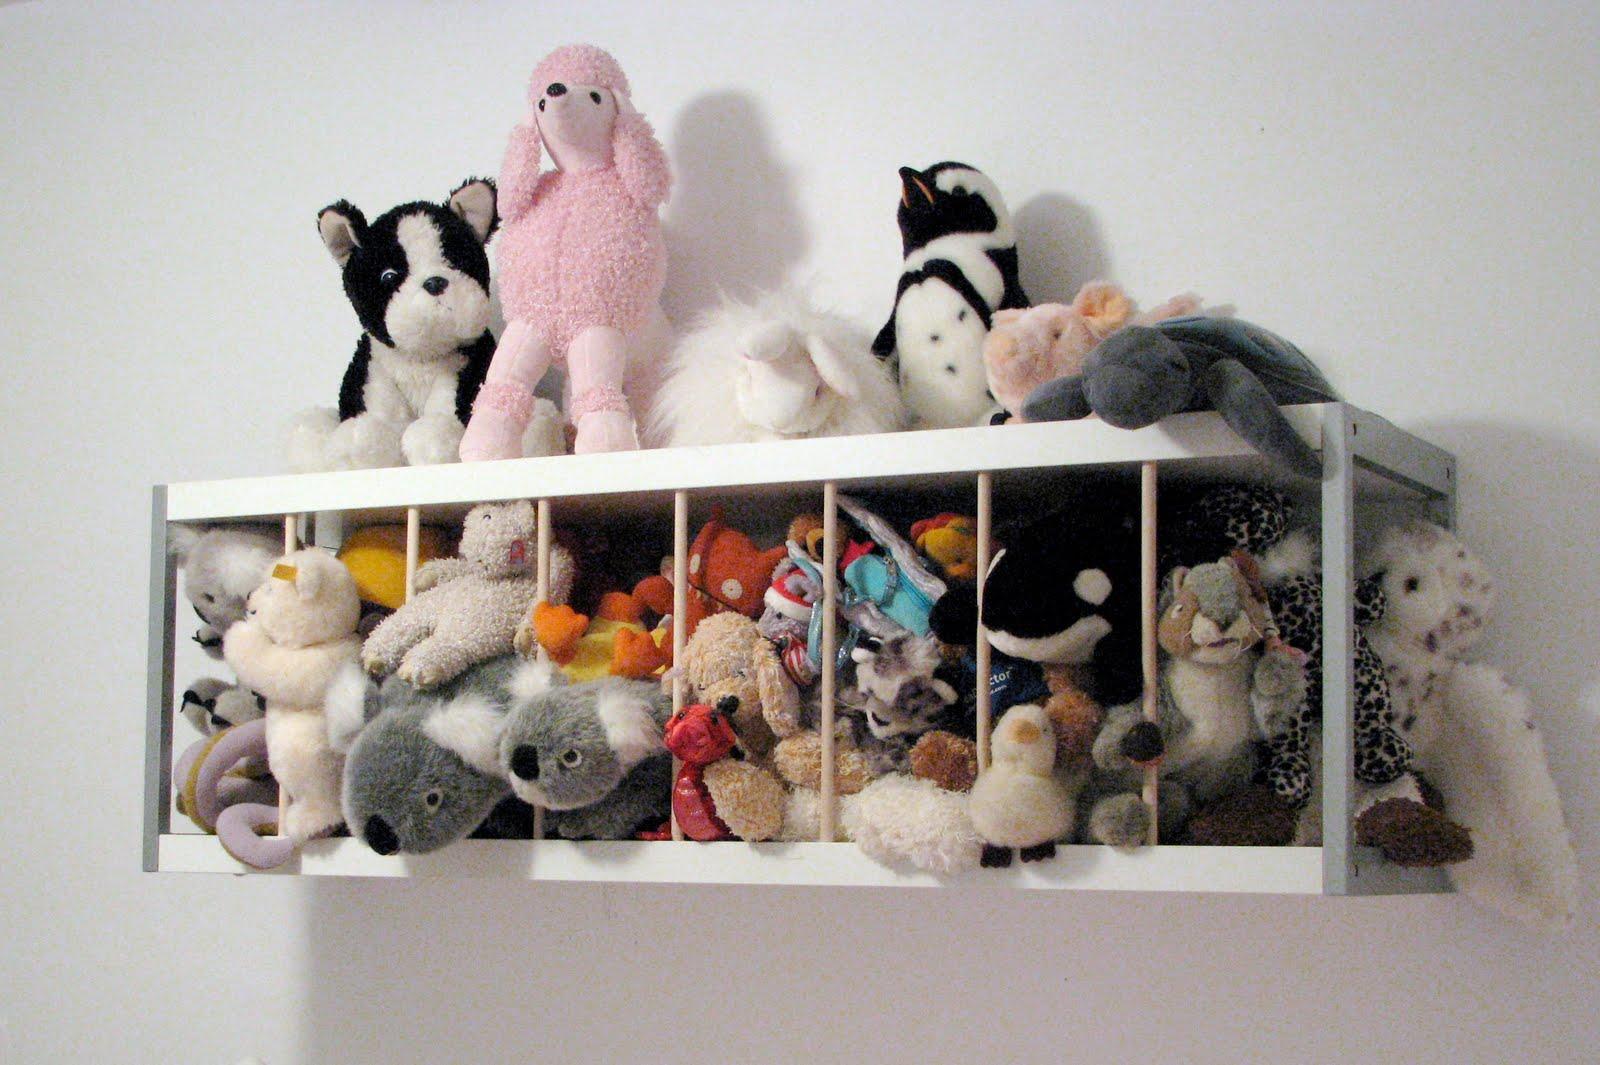 IKEA Stuffed Animal Zoo